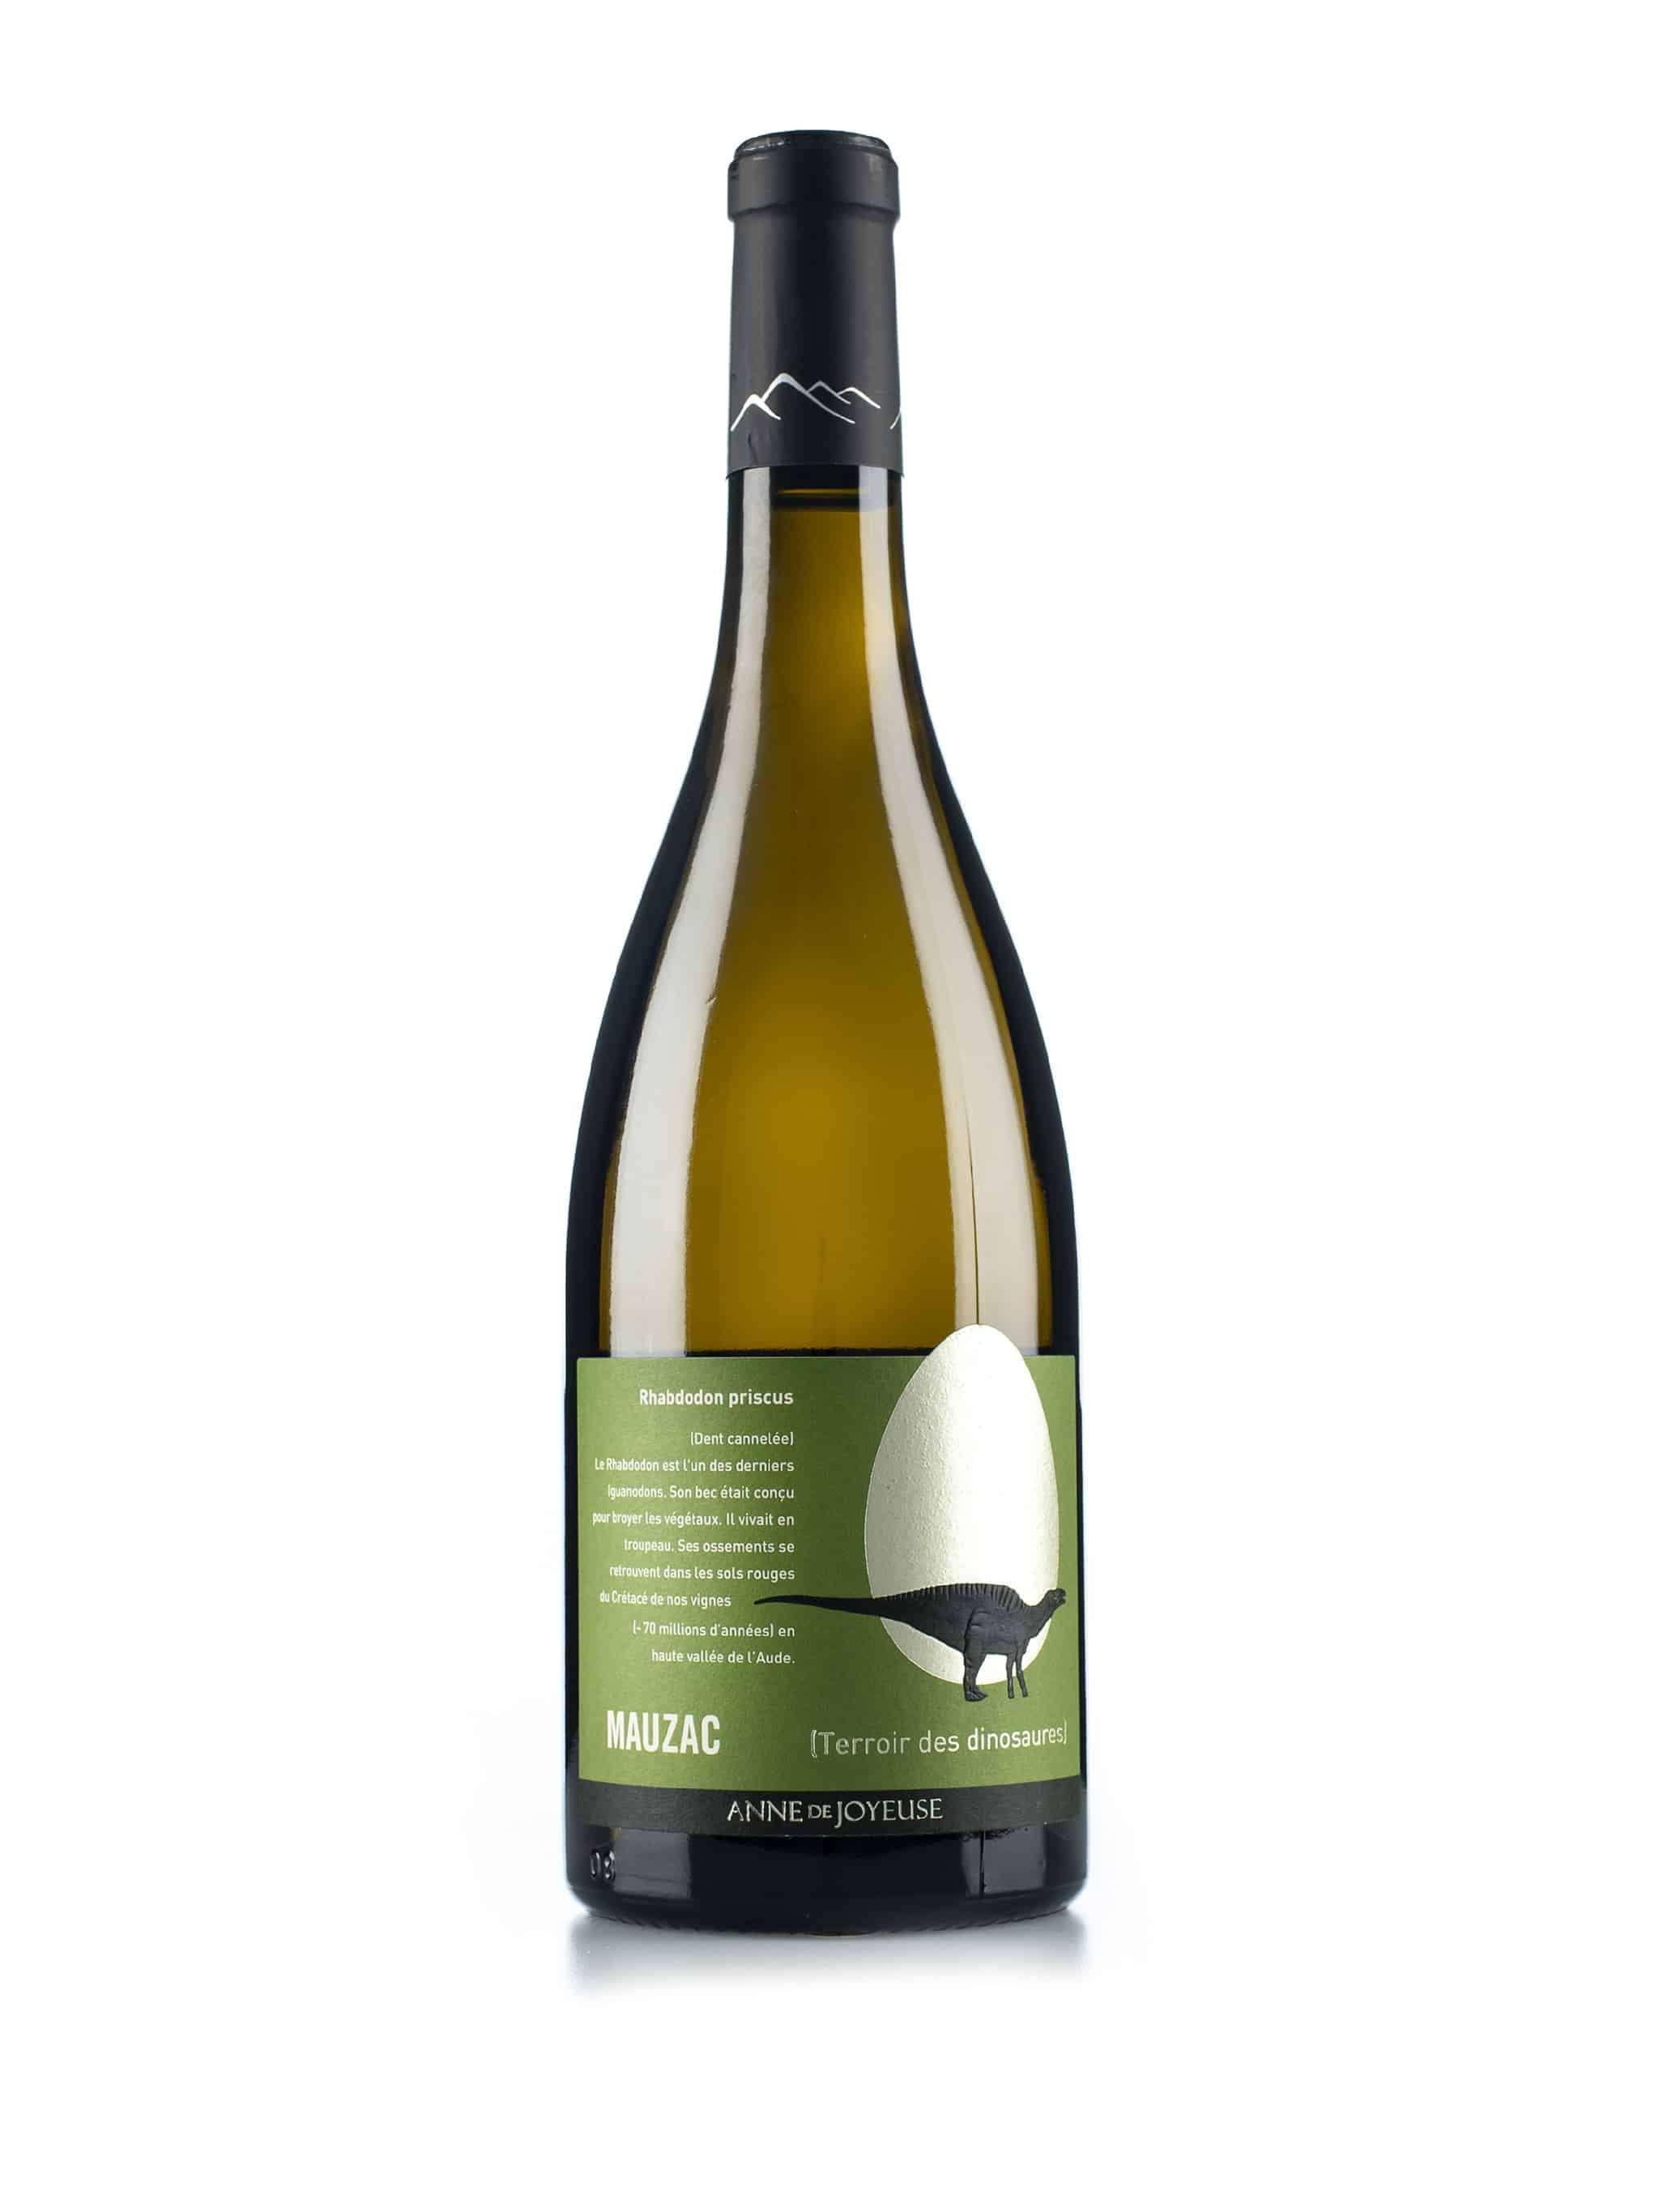 Franse witte wijn van wijndomein Anne de Joyeuse: Mauzac 'Rhabdodon Priscus'